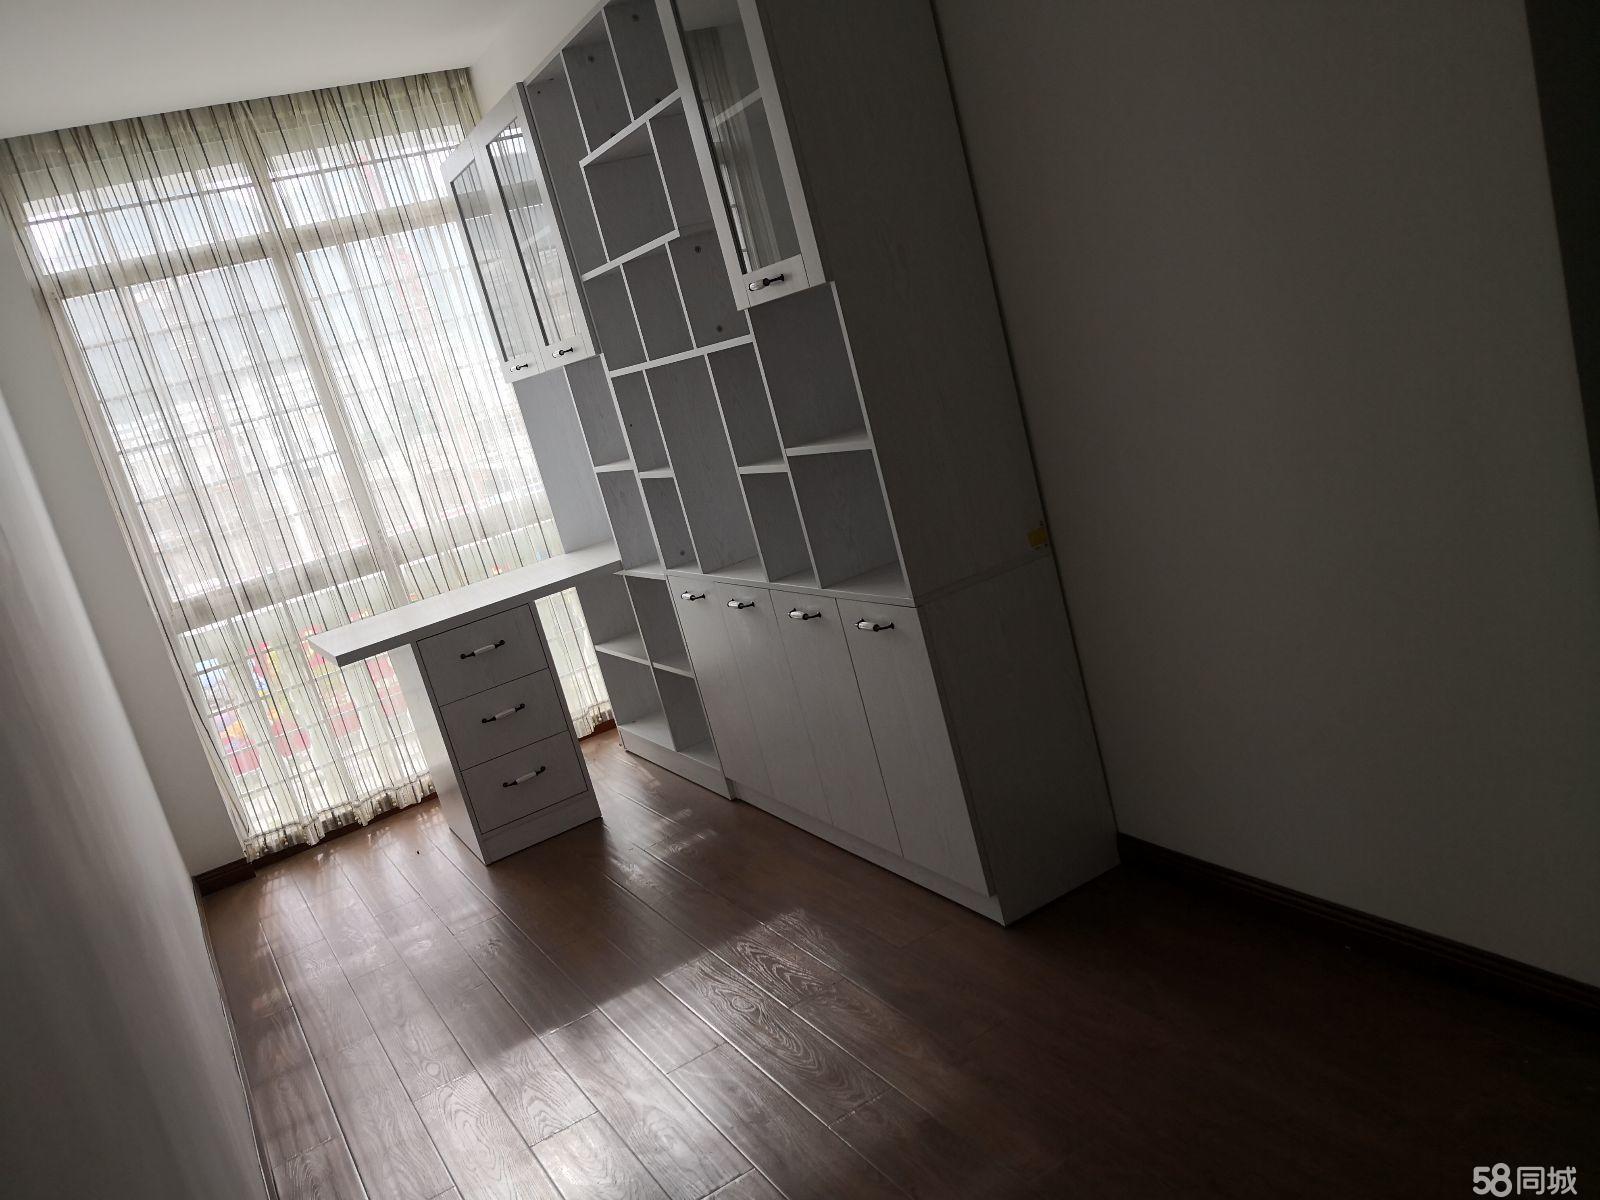 澳门网上投注娱乐盘龙谷小区工商小区4室2厅4卫419平米